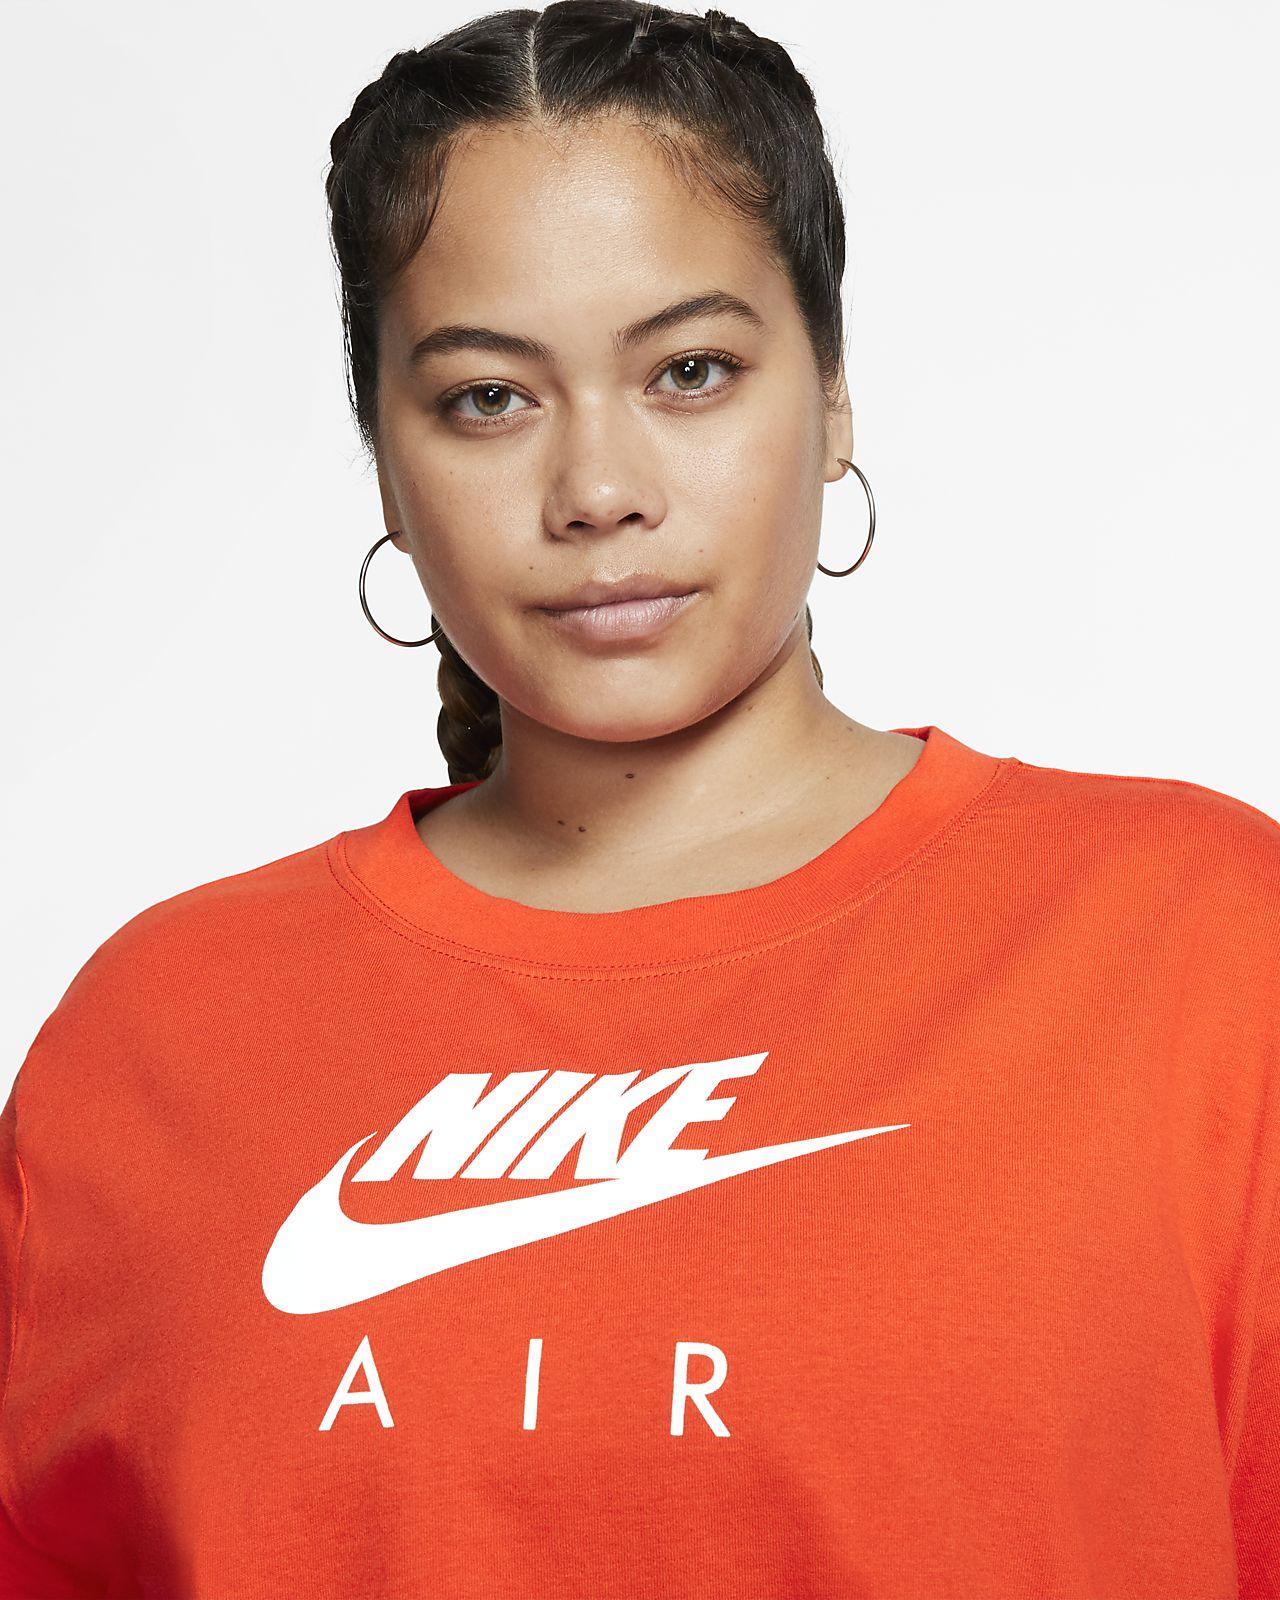 Buy Orange Nike Nike Air Women's Short